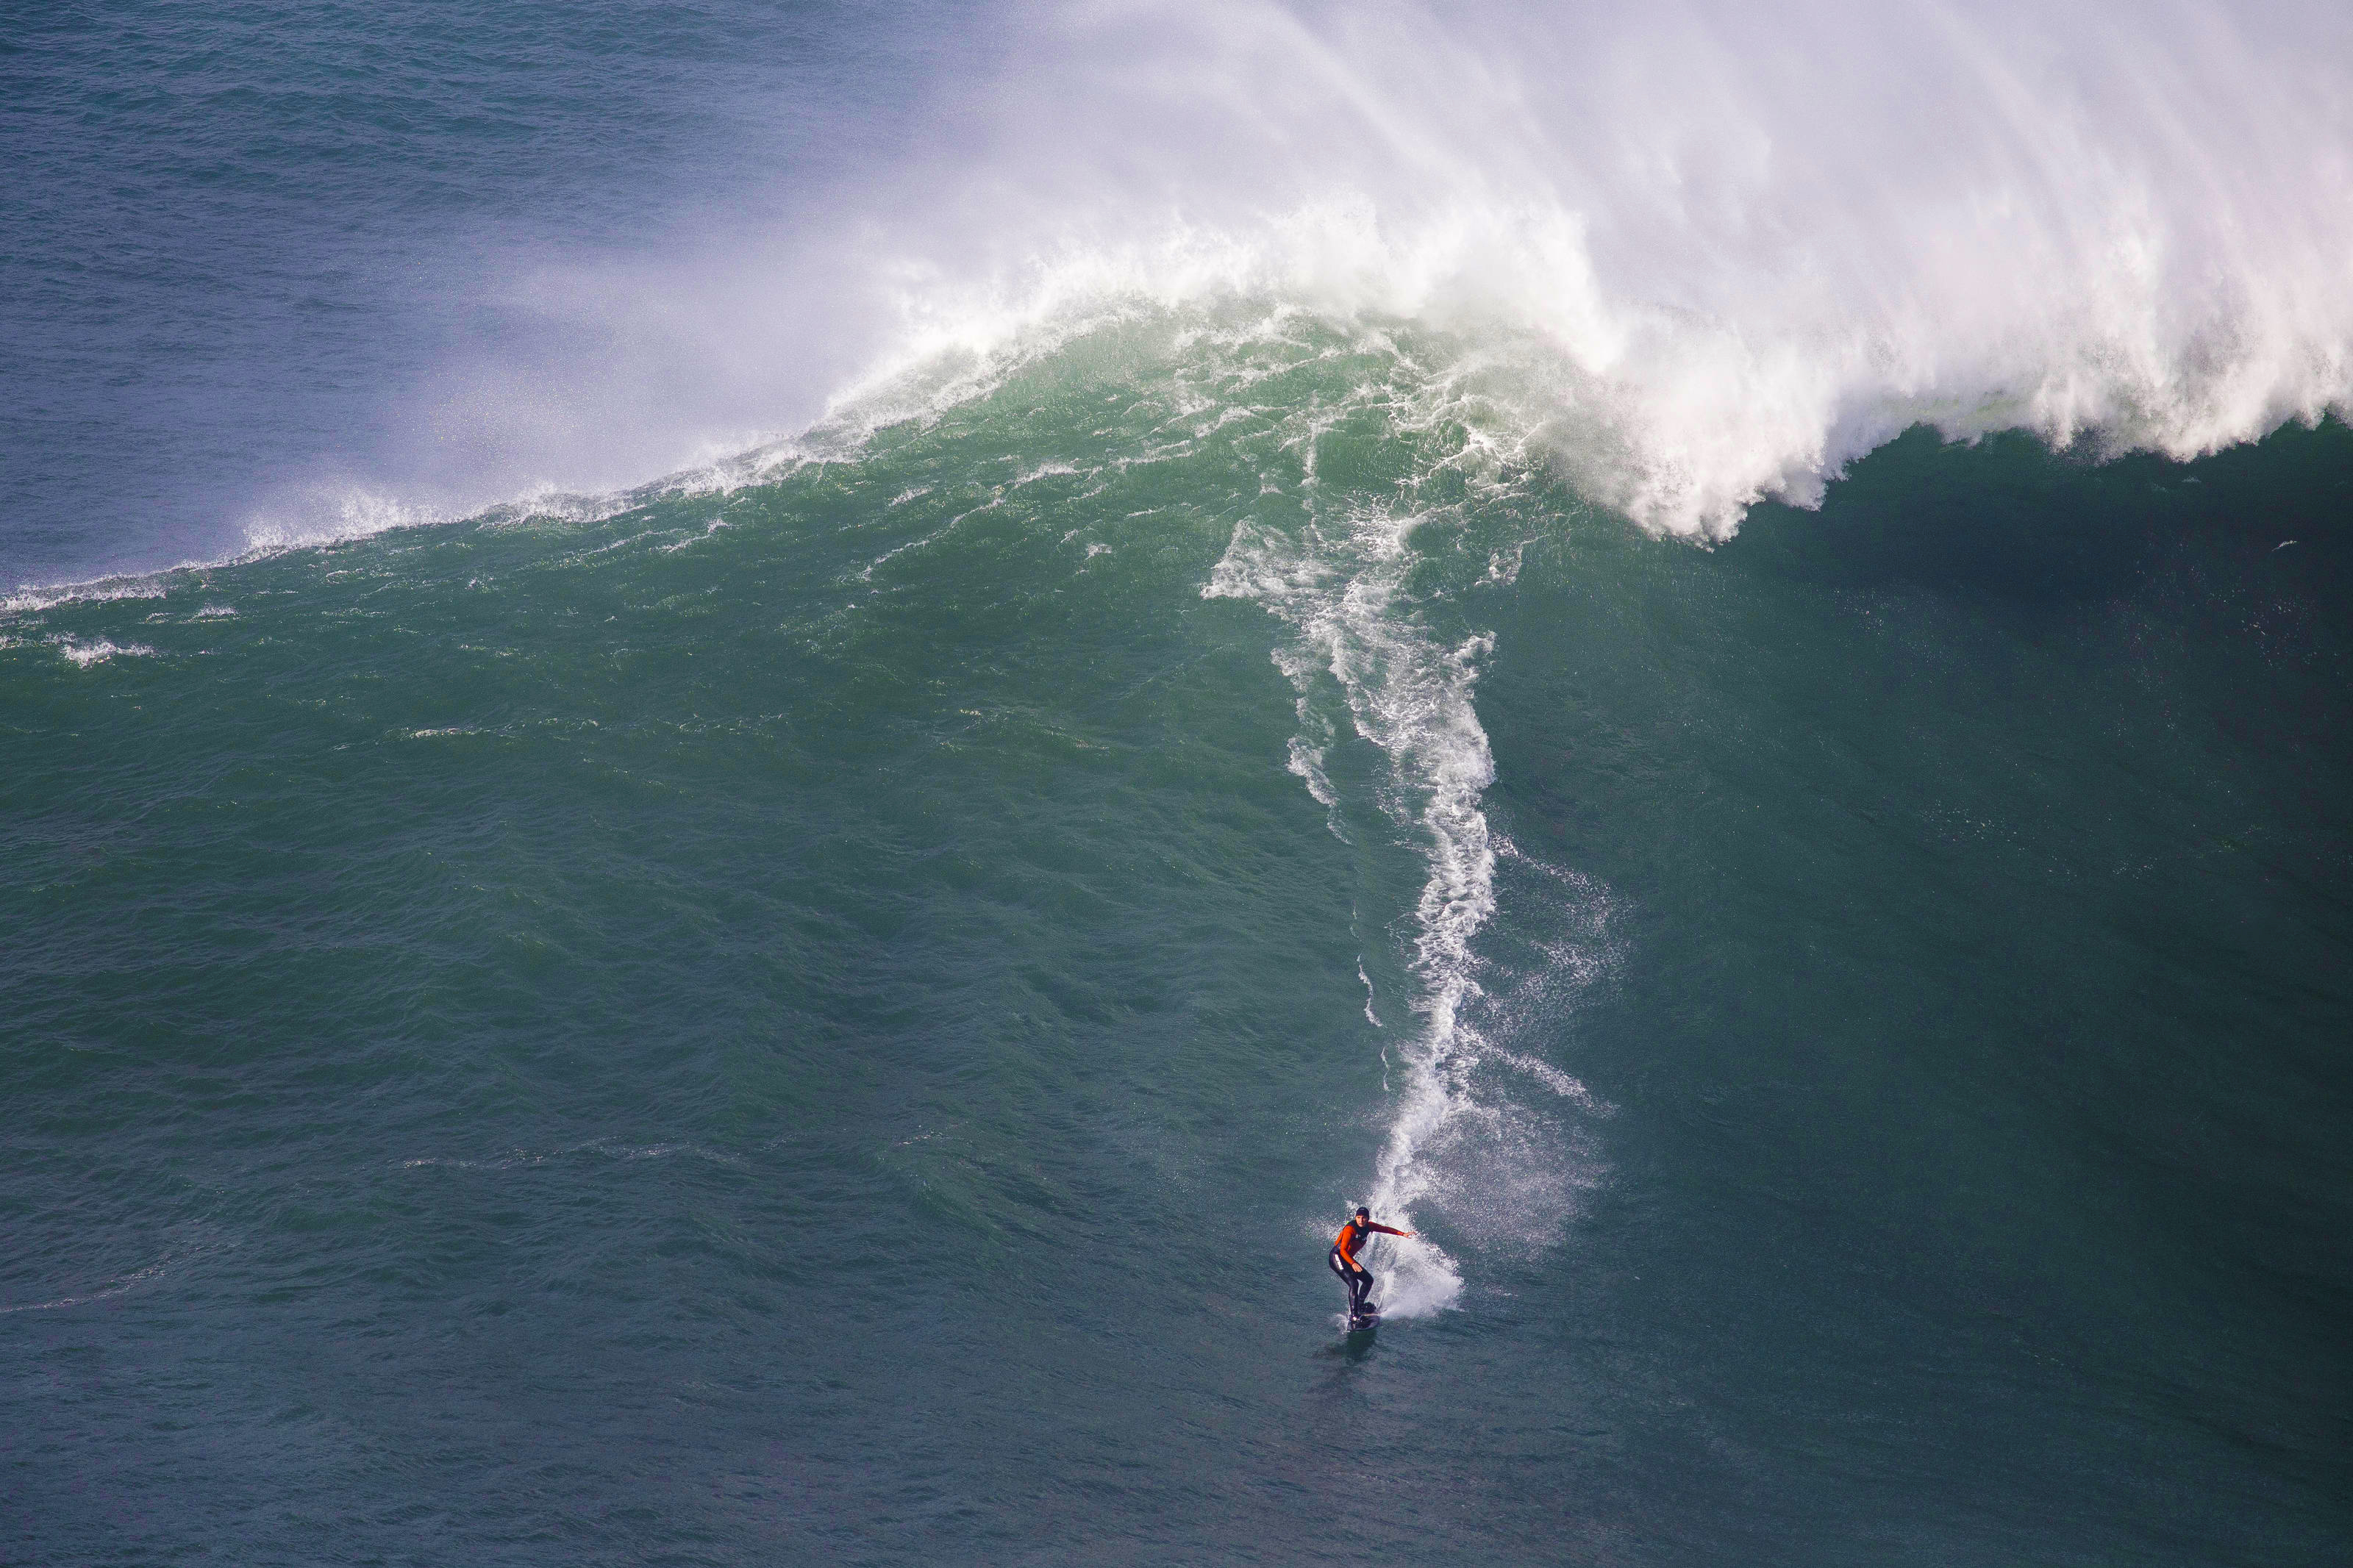 Maya Gabeira surfing